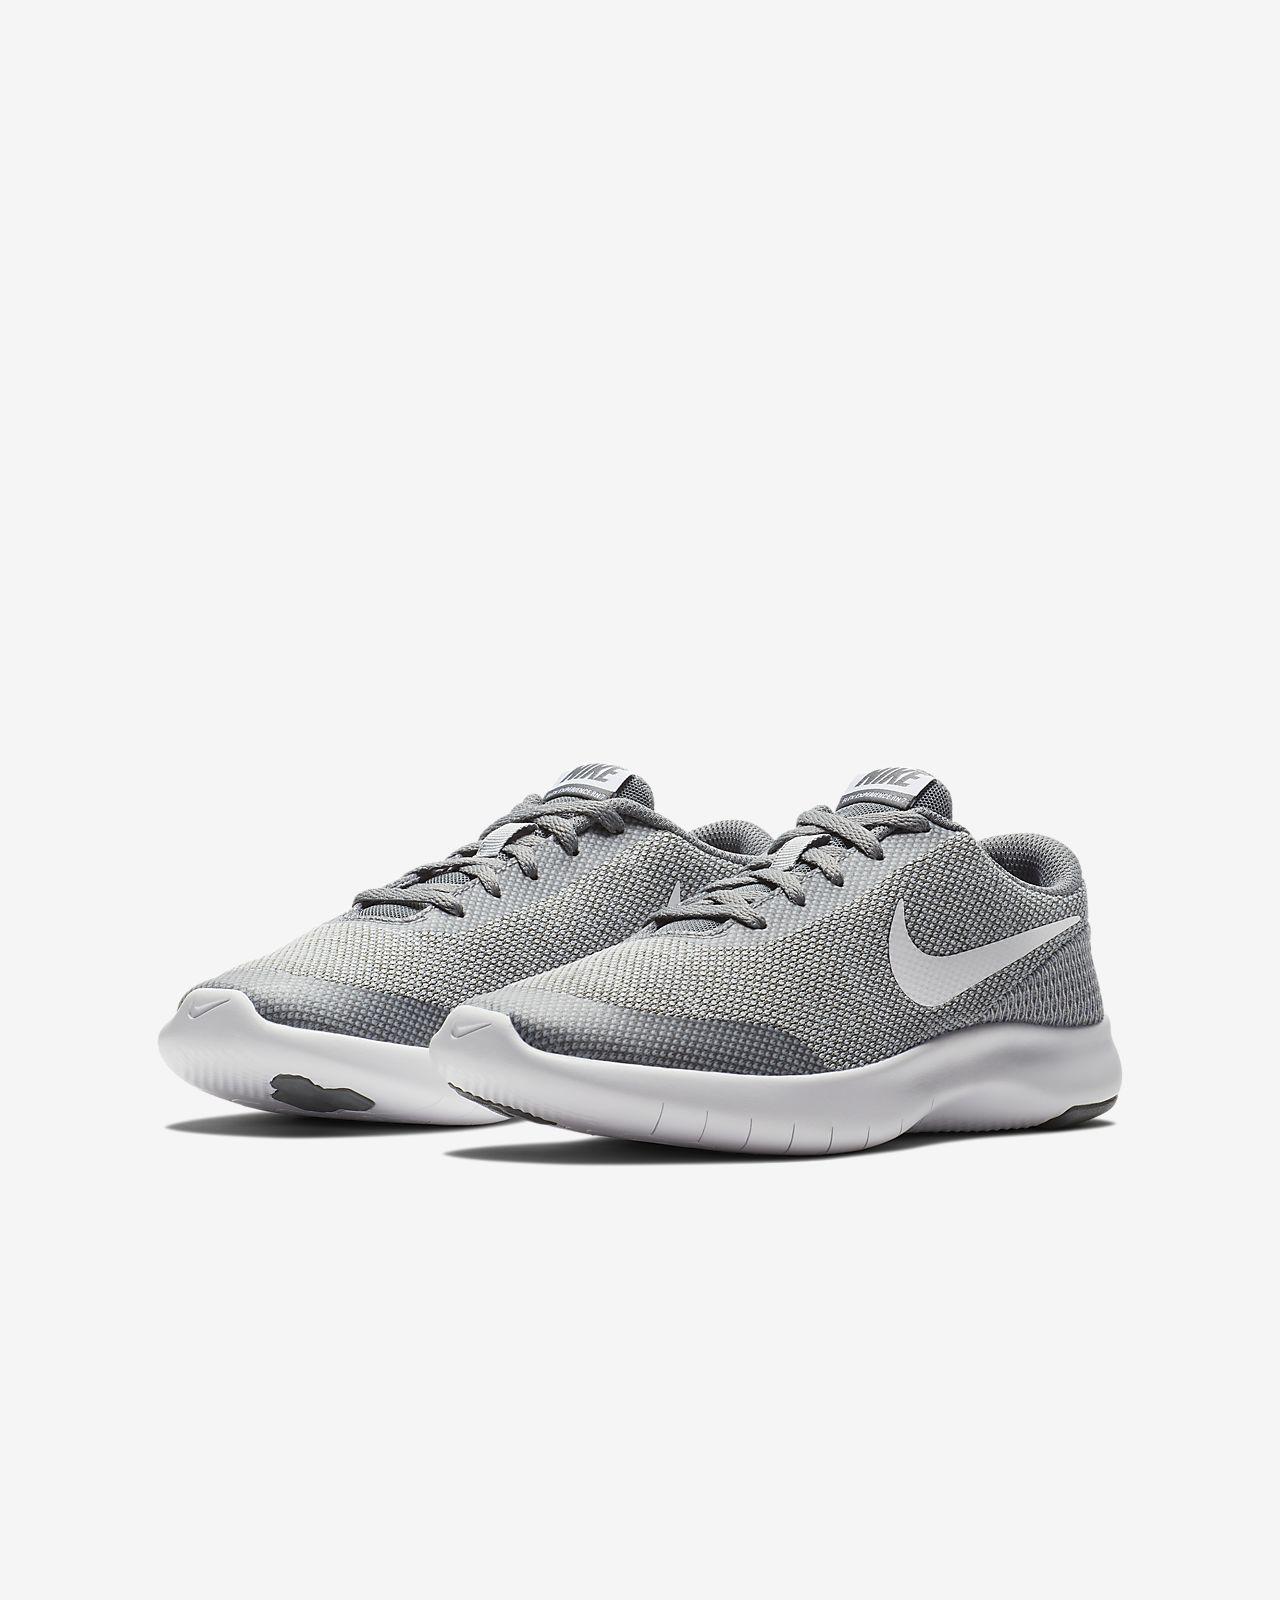 7 De Enfant Flex Âgé Pour Plus Running Nike Run Chaussure Experience 6mgfvIYb7y